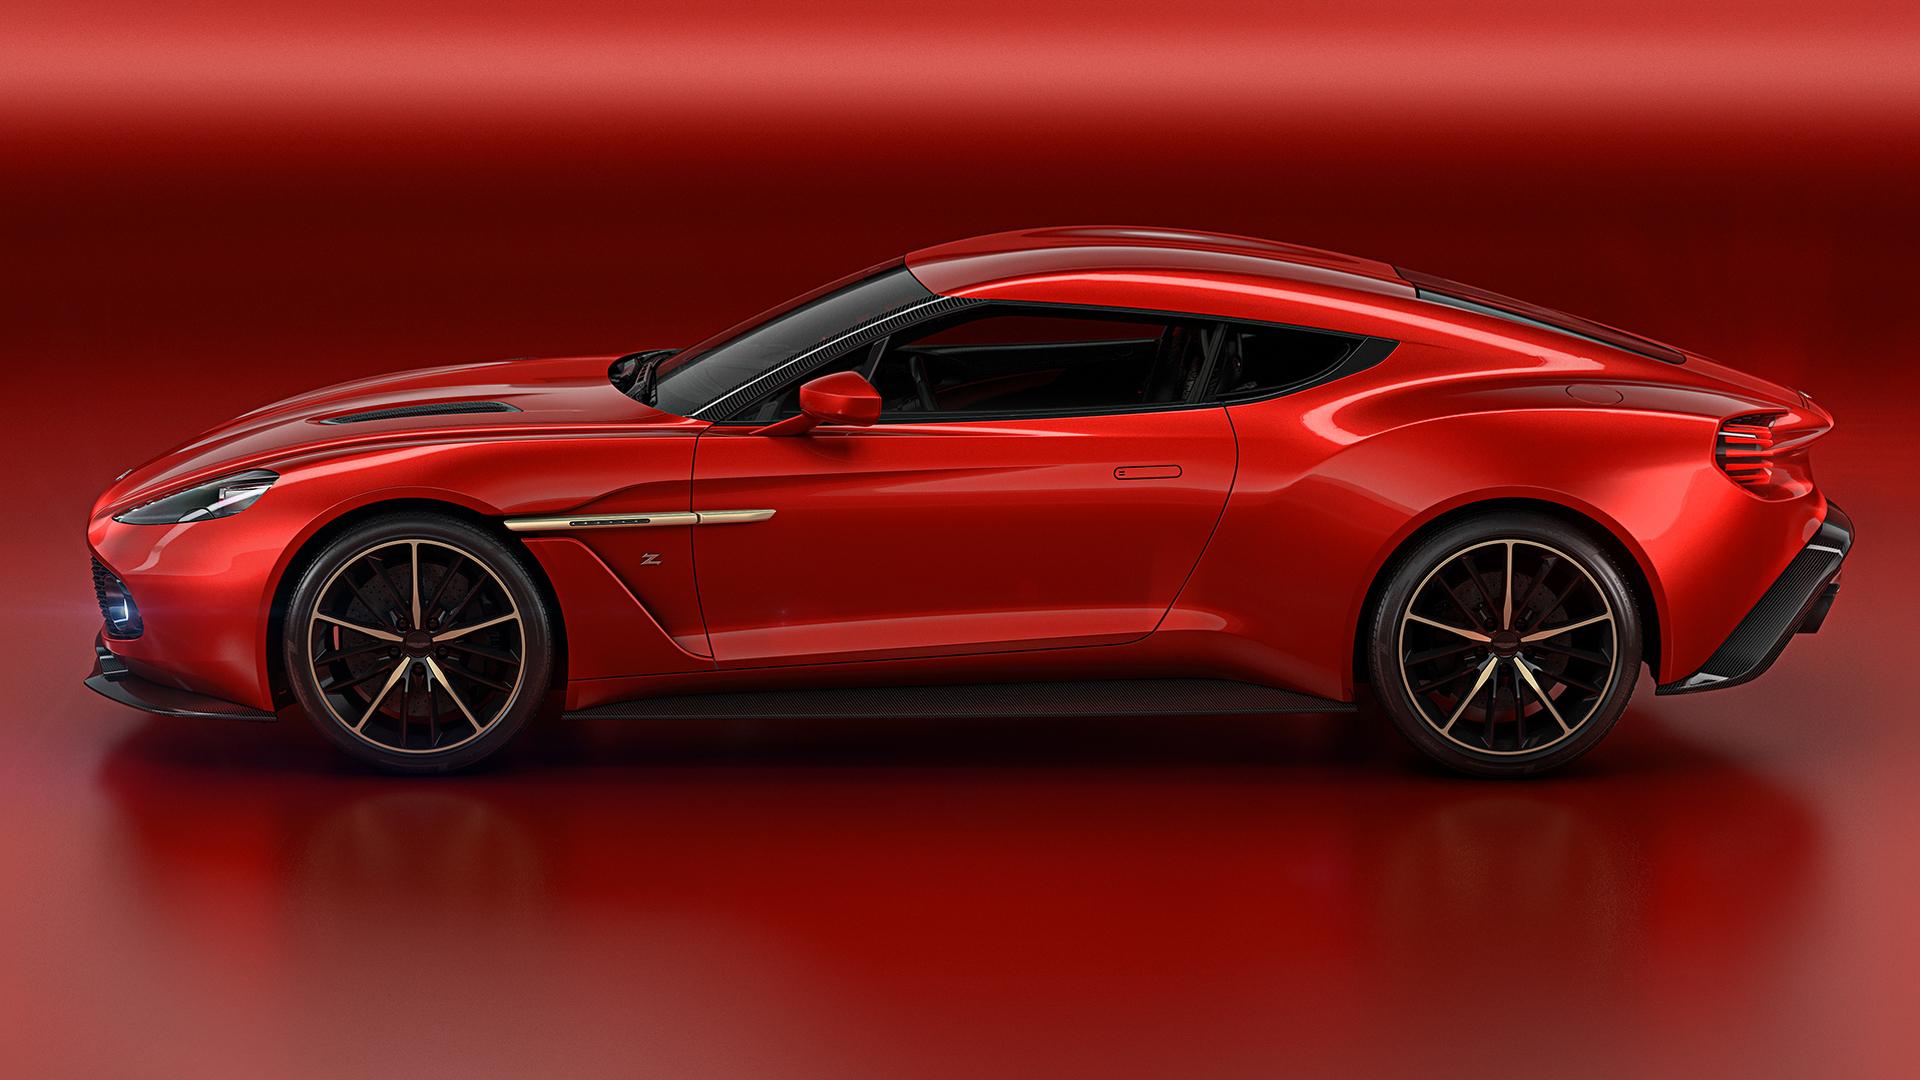 Captivating Motor1.com